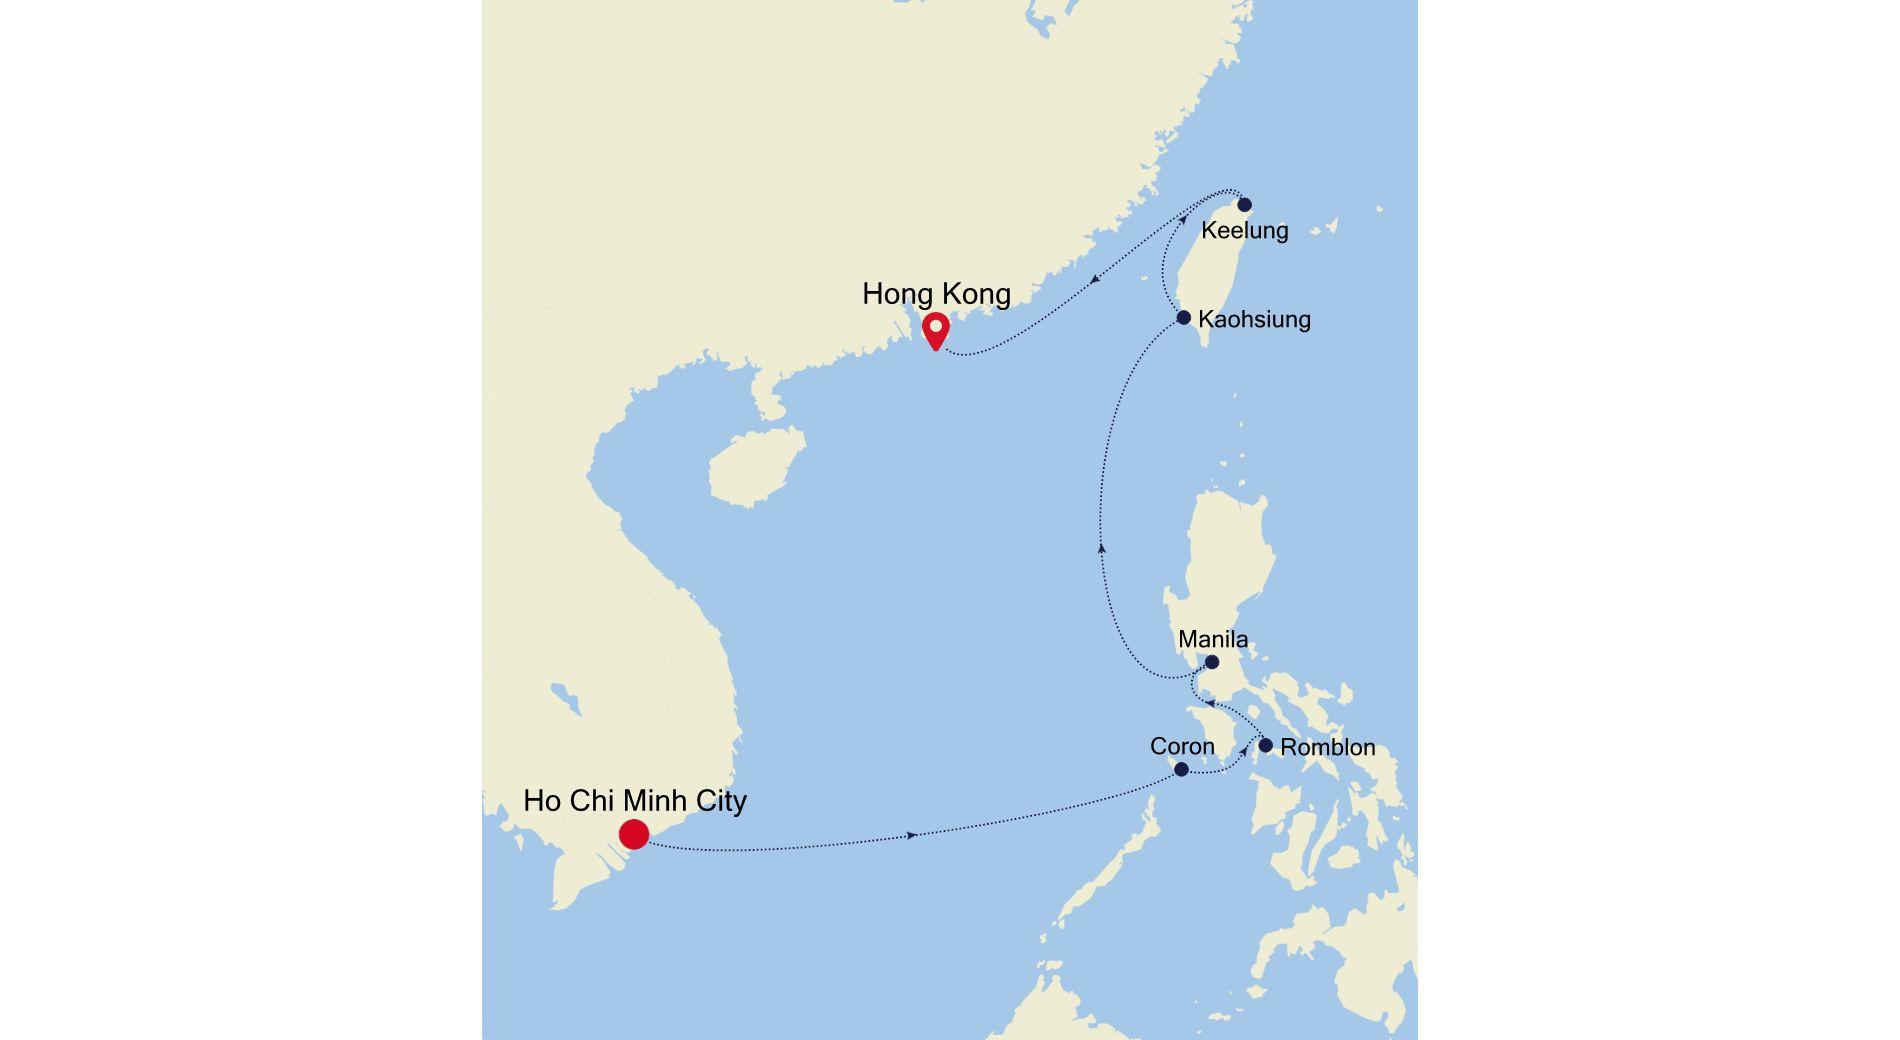 5003C - Ho Chi Minh City to Hong Kong